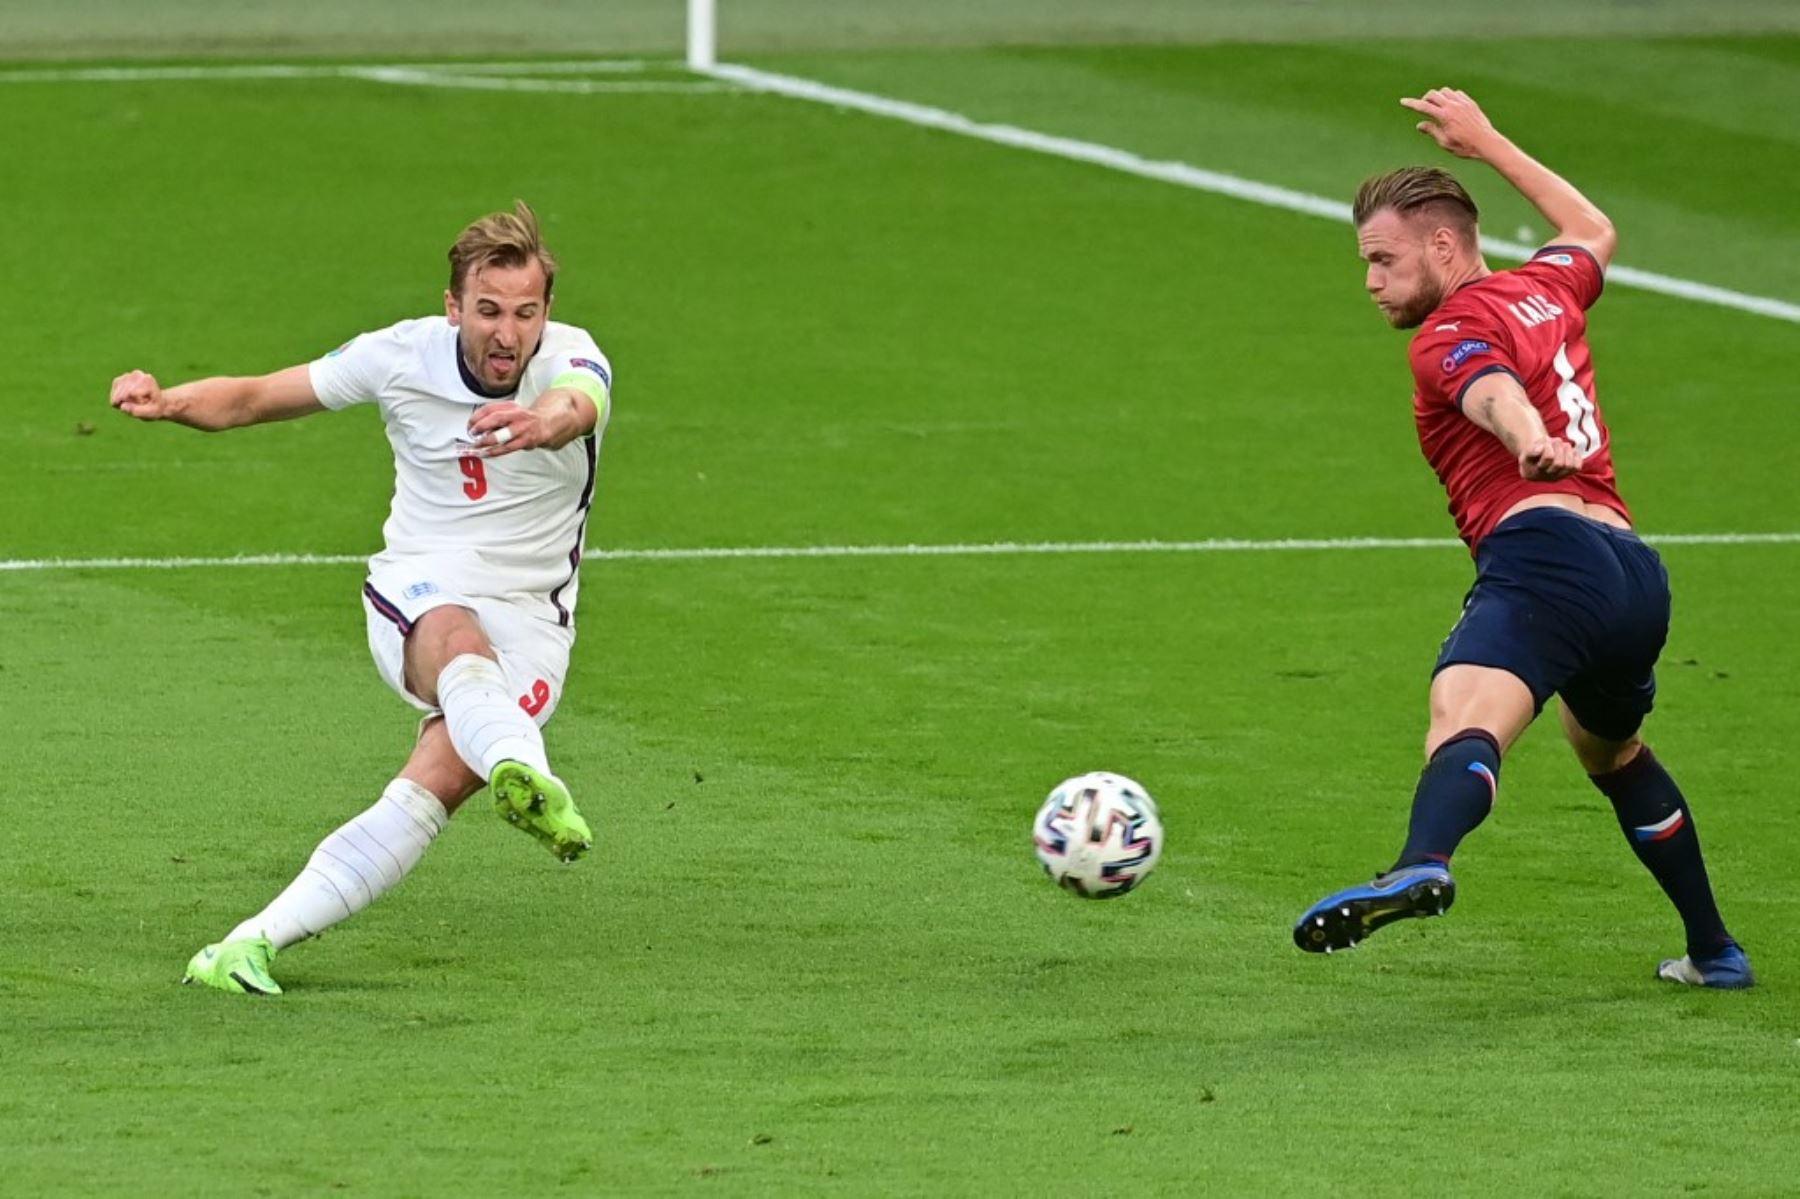 El delantero de Inglaterra Harry Kane (izq.) Dispara al defensor de la República Checa Tomas Kalas durante el partido de fútbol del Grupo D de la UEFA EURO 2020 entre la República Checa e Inglaterra en el estadio de Wembley en Londres el 22 de junio de 2021. Foto: AFP